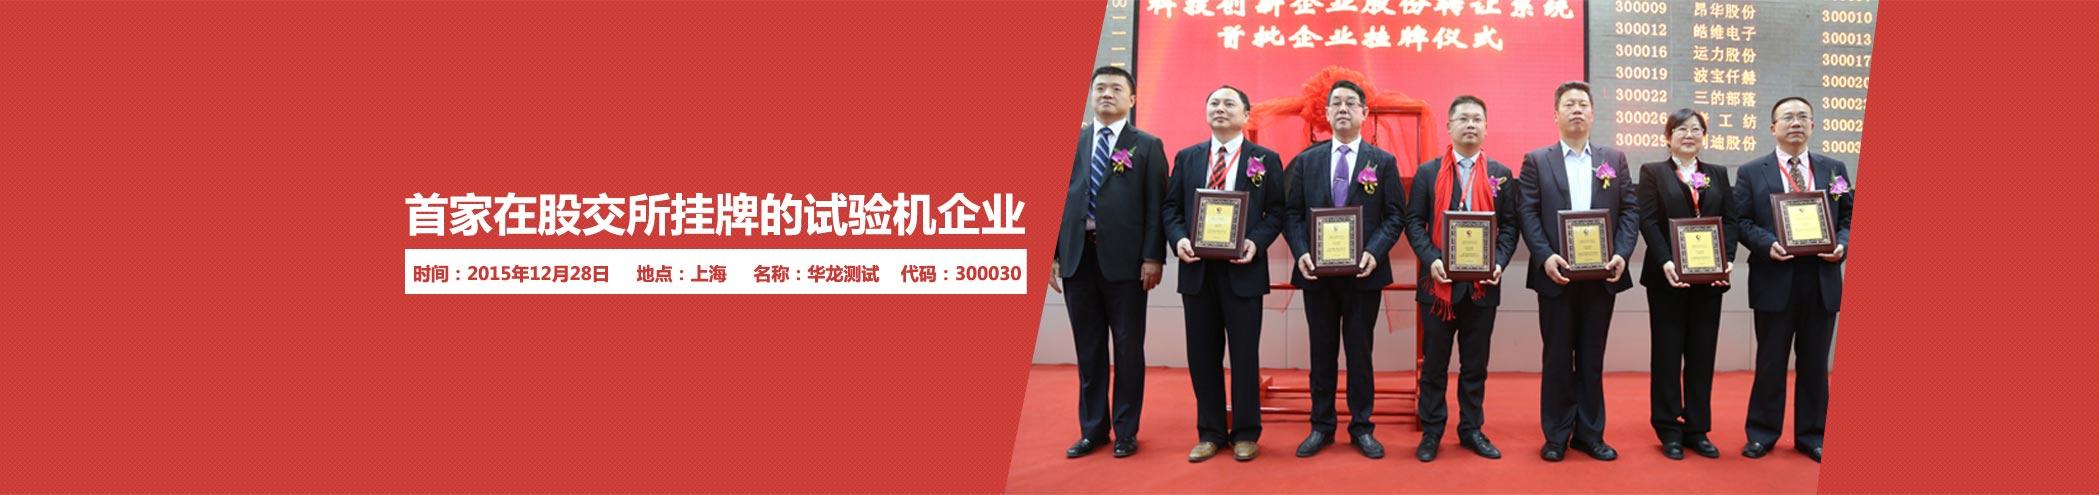 动态申博138娱乐-上海华龙测试仪器